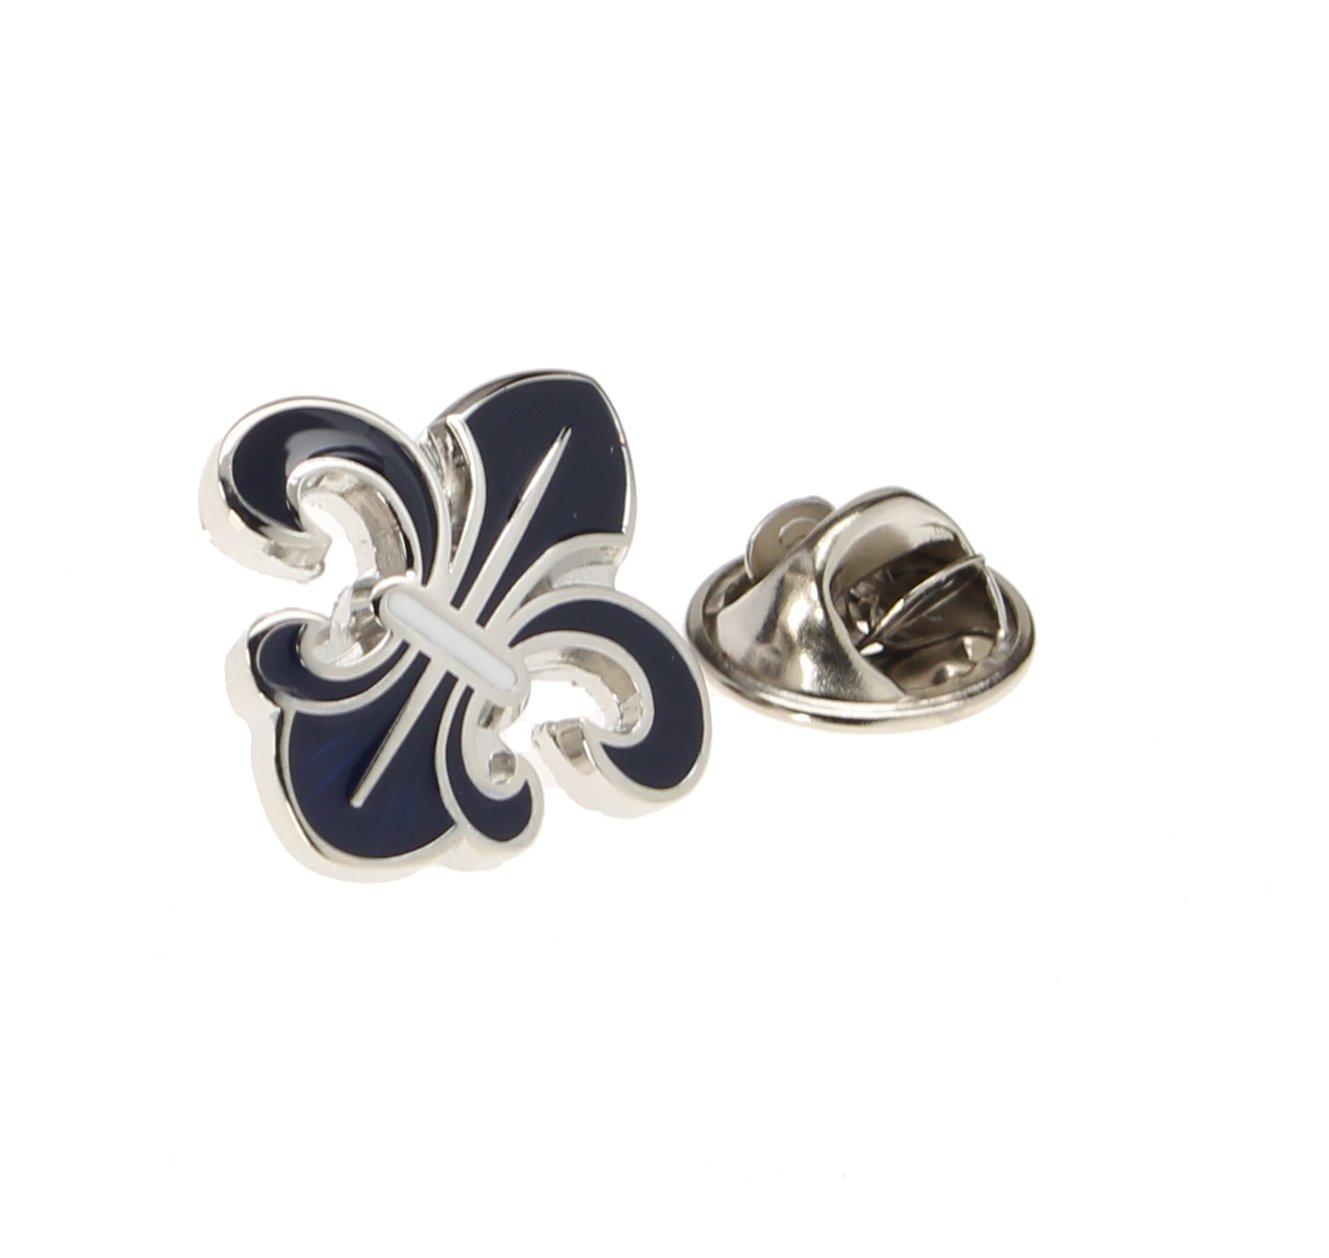 Men's Lapel Pin Tie Tack Silver and Navy Blue Fleur De Lis Elegant Symbol